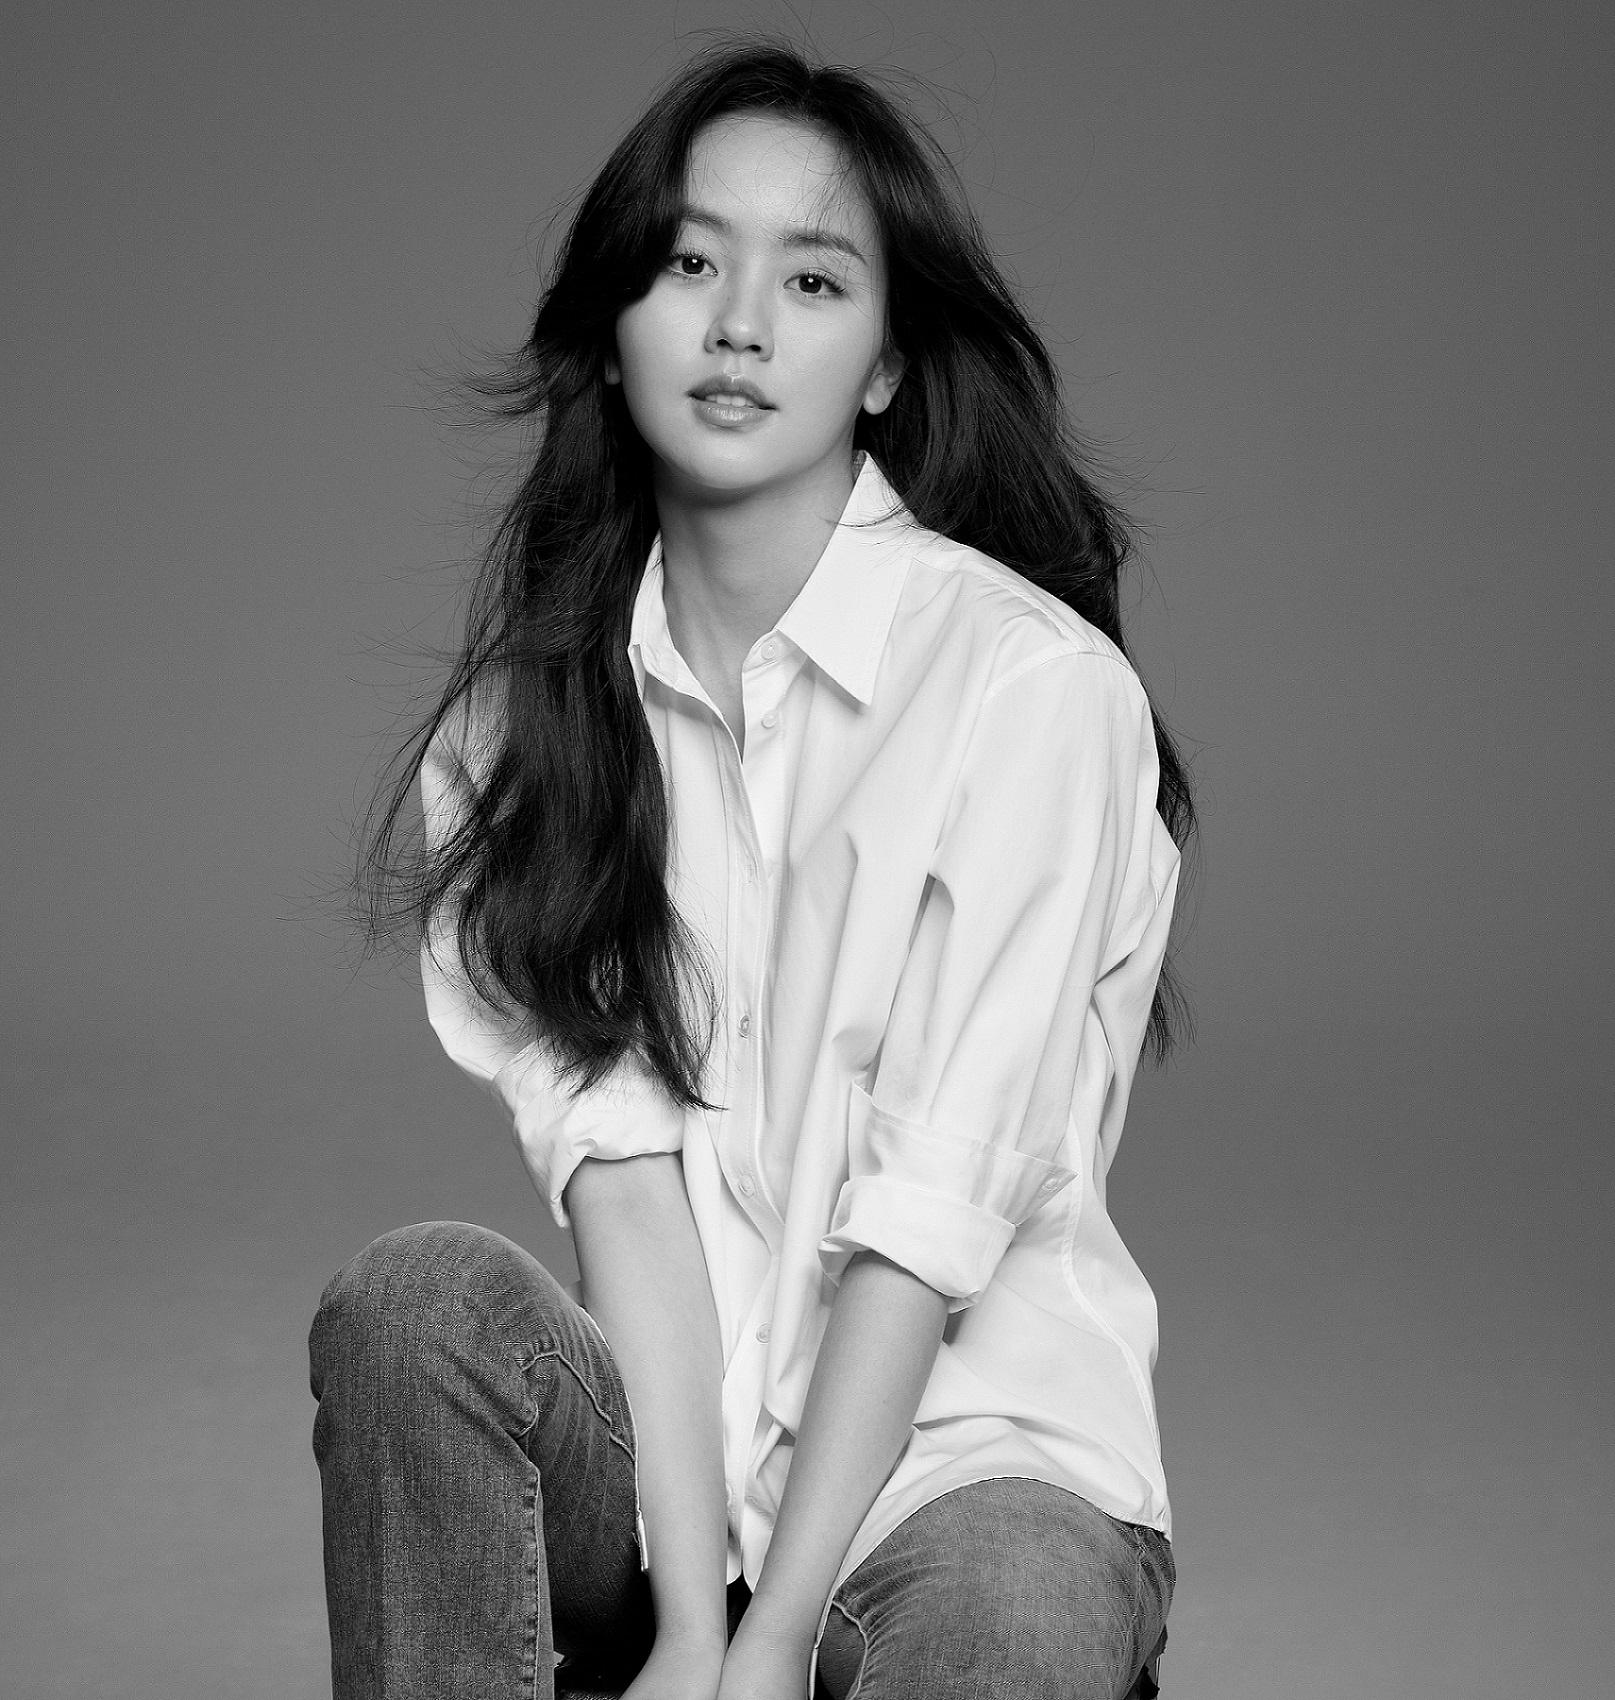 김소현 새 프로필 사진 공개 '소녀 벗고 여인 입다'